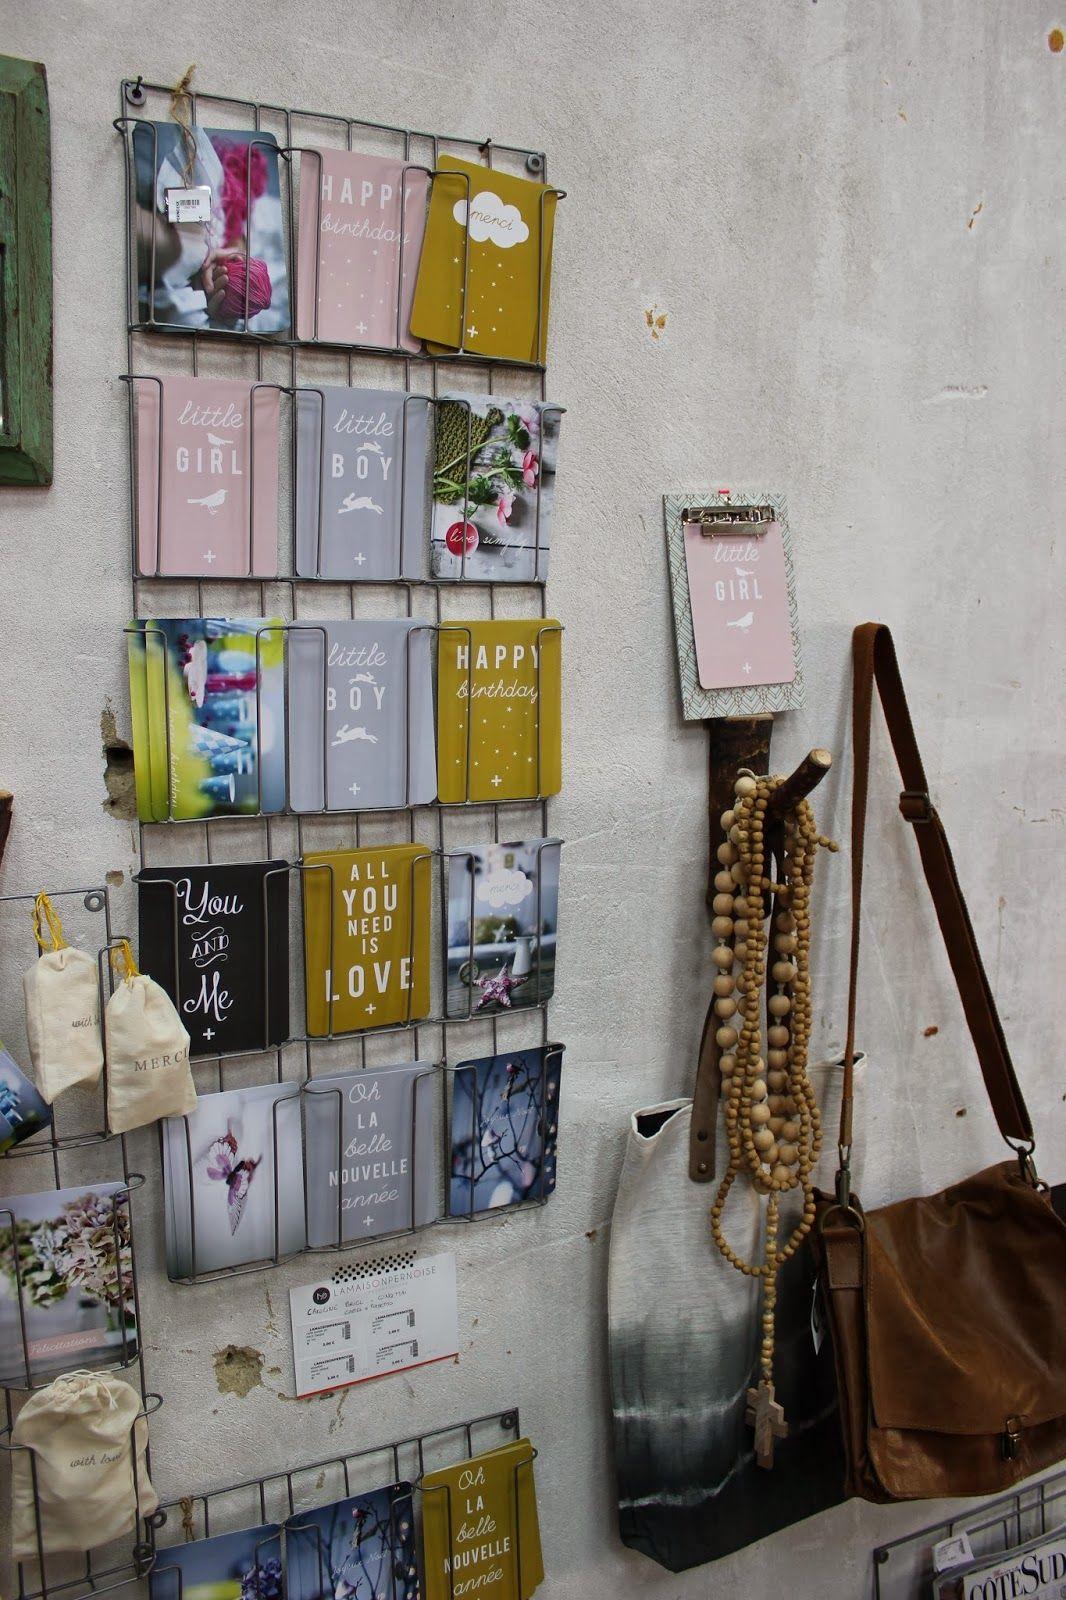 La Maison Pernoise Photos Atelier Rue Verte 019 En 2019 La